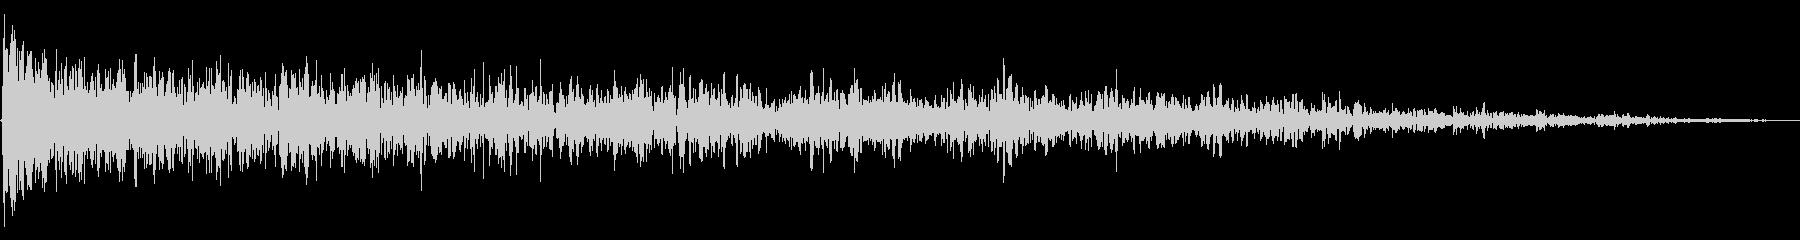 ブーミングランブルリングスイープ1の未再生の波形